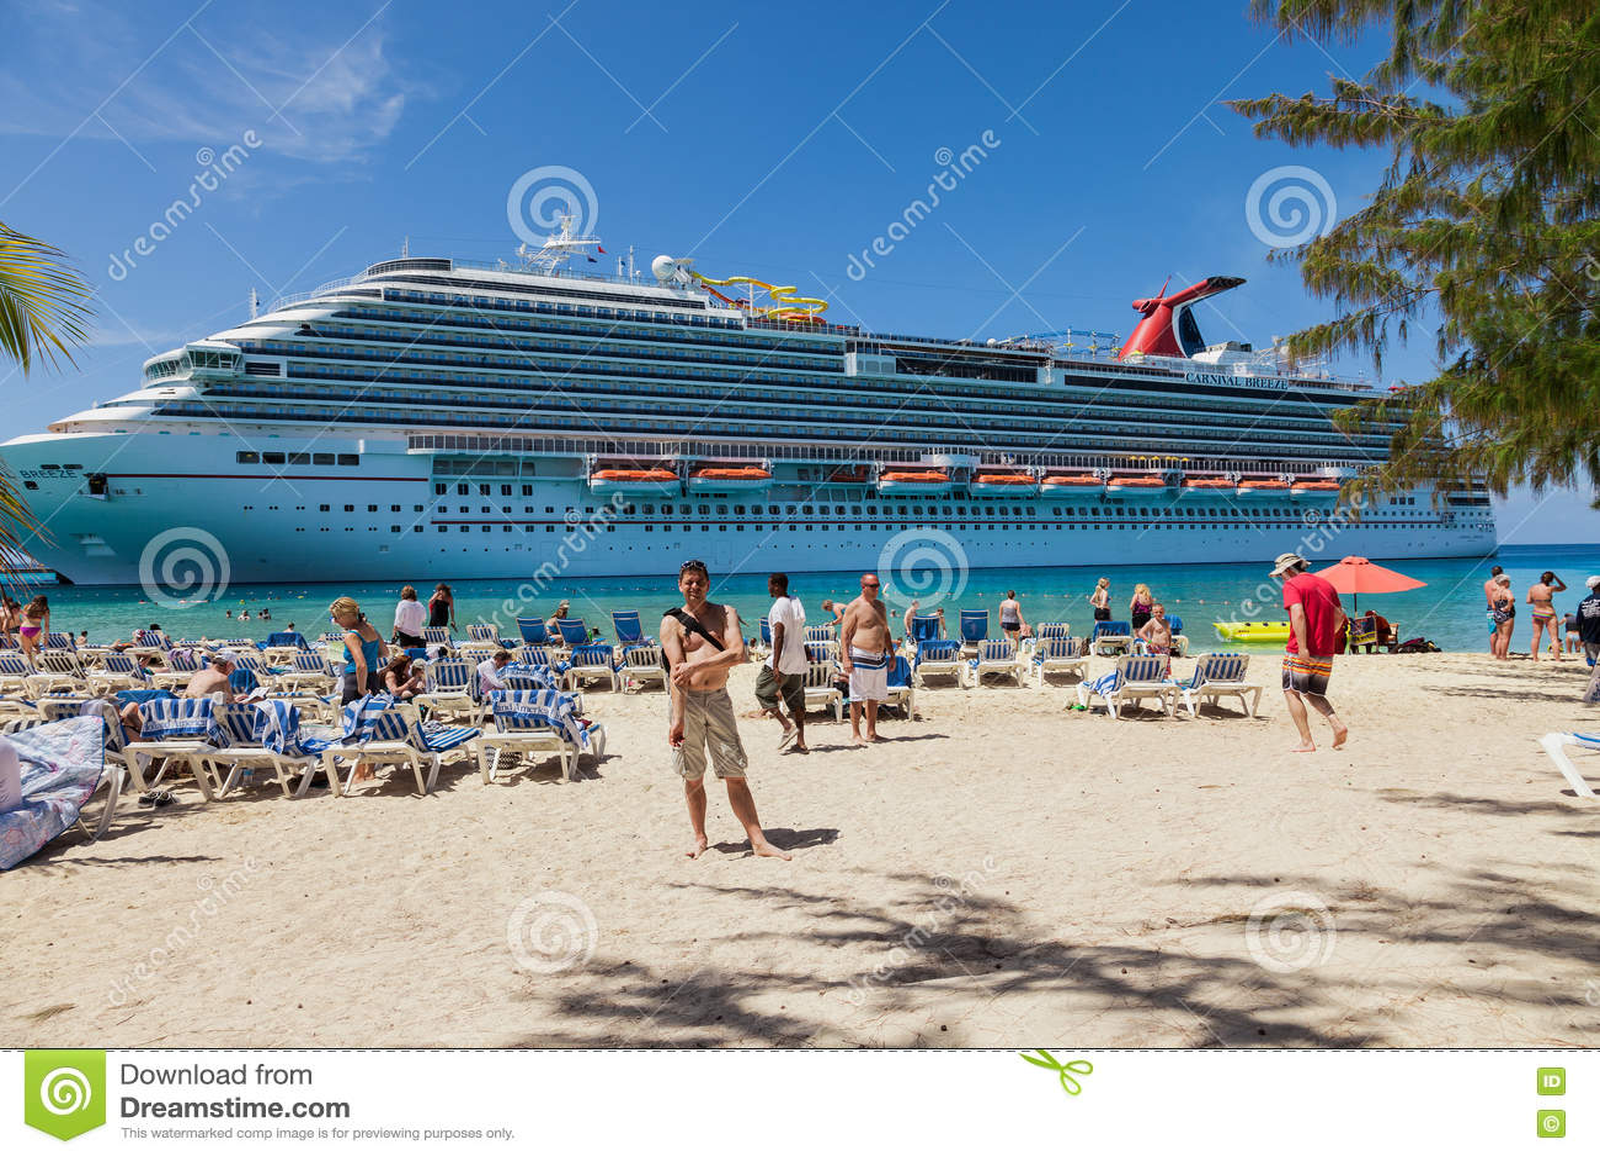 Grote Turk, Turk Islands Caraïbisch-Eenendertigste Maart 2014: De verankerde Wind van Carnaval van het cruiseschip